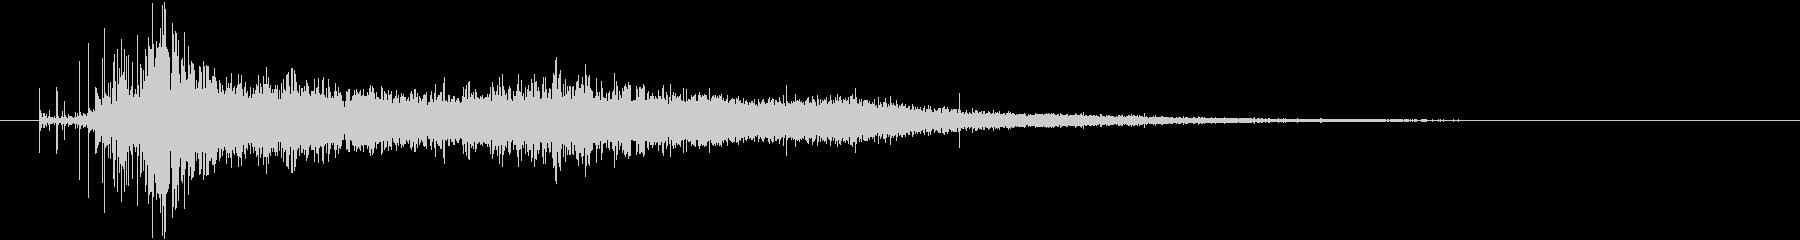 トランジション 炎12の未再生の波形